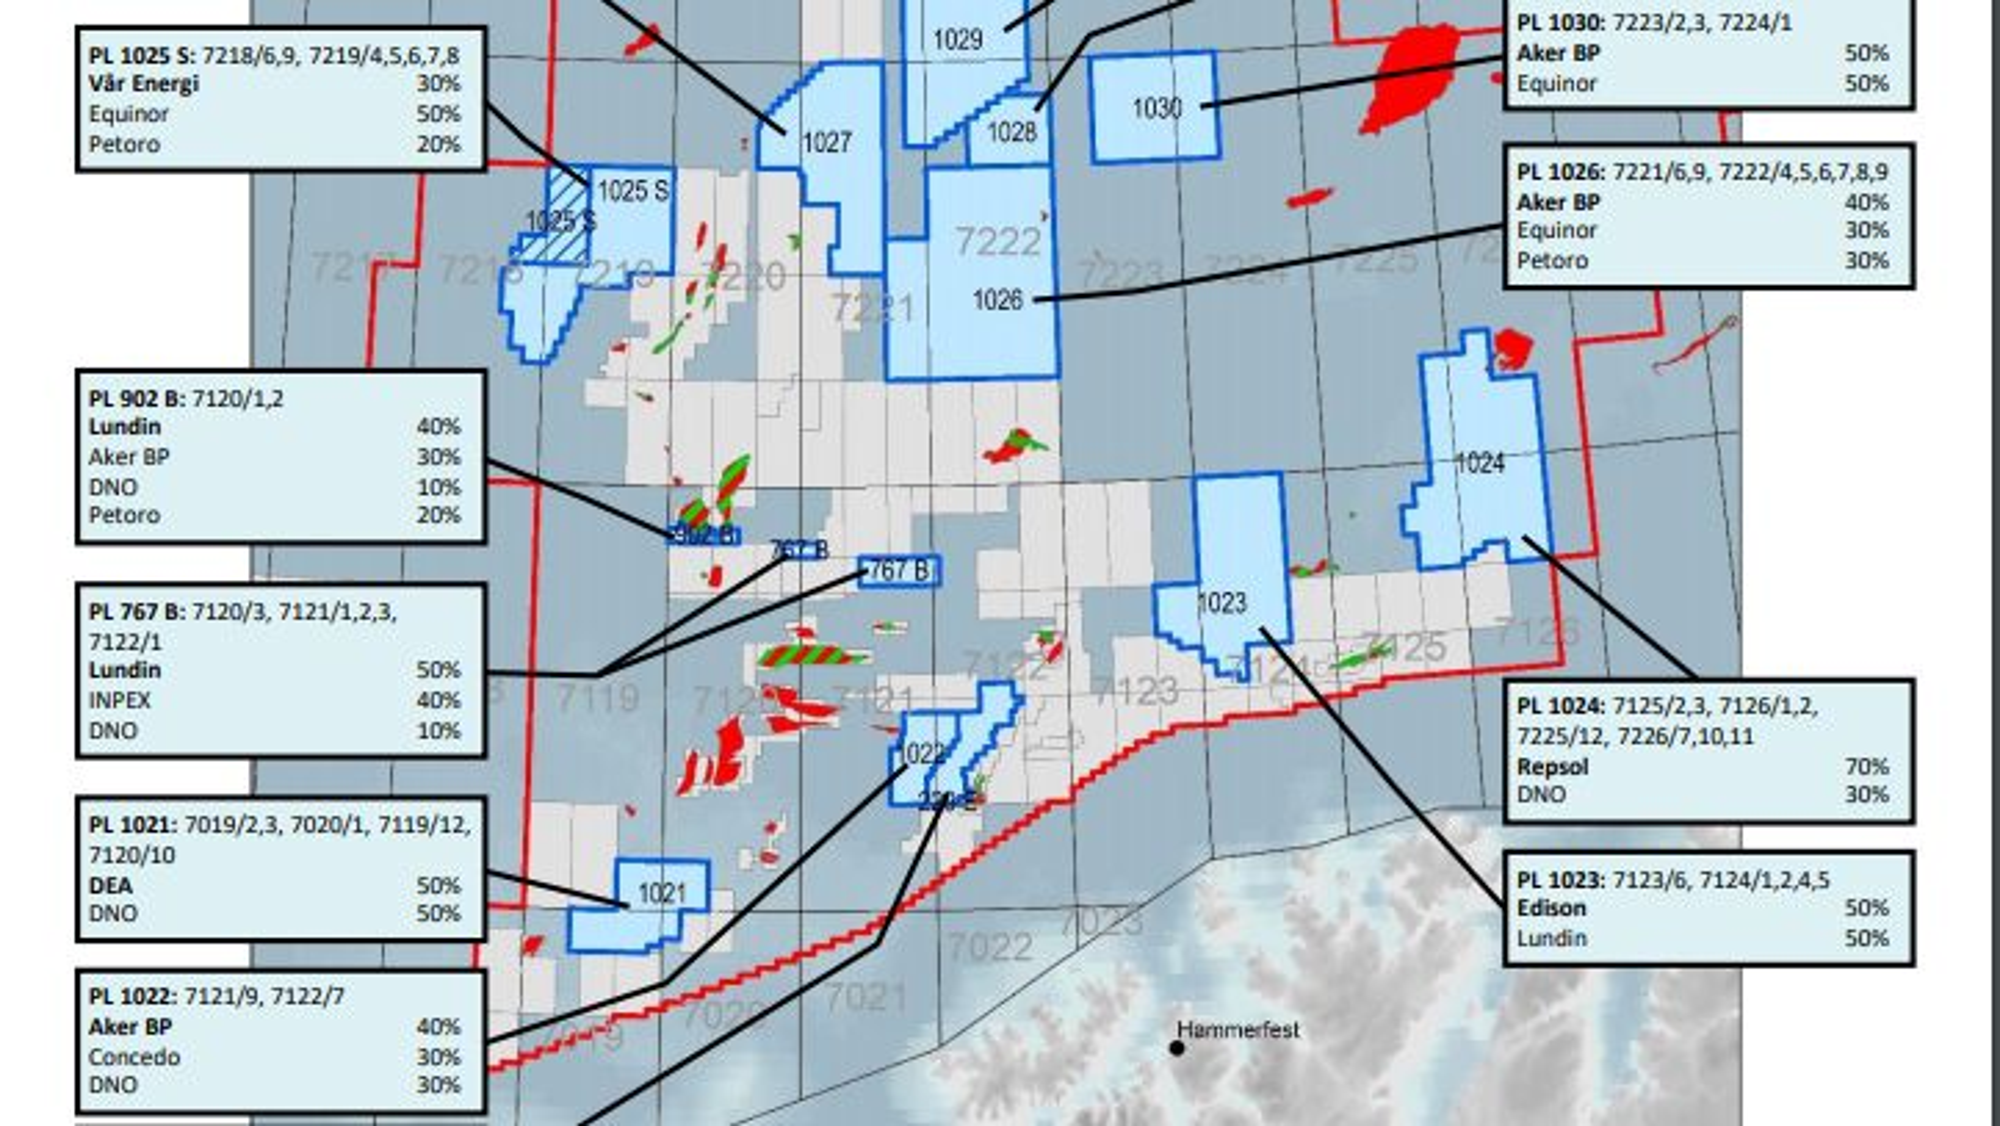 - Kun petroleumsfaglige hensyn ligger til grunn når nye områder vurderes, mener Miljødirektoratet, som er kritisk til utbygging i Barentshavet.